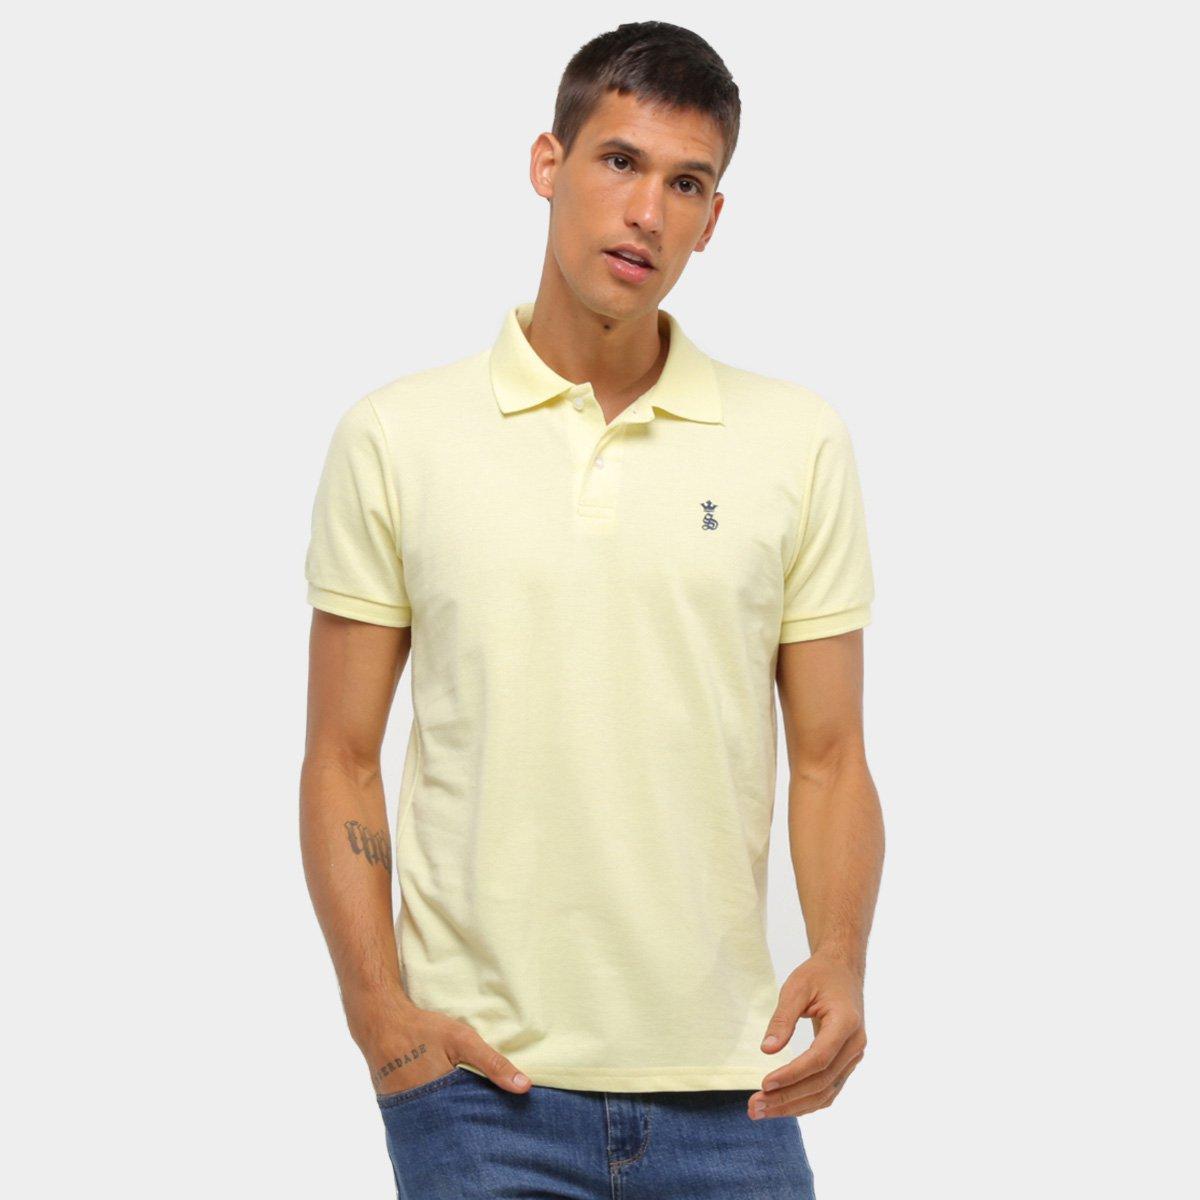 Camisa Polo Squadrow Básica Bordado Piquet Masculina